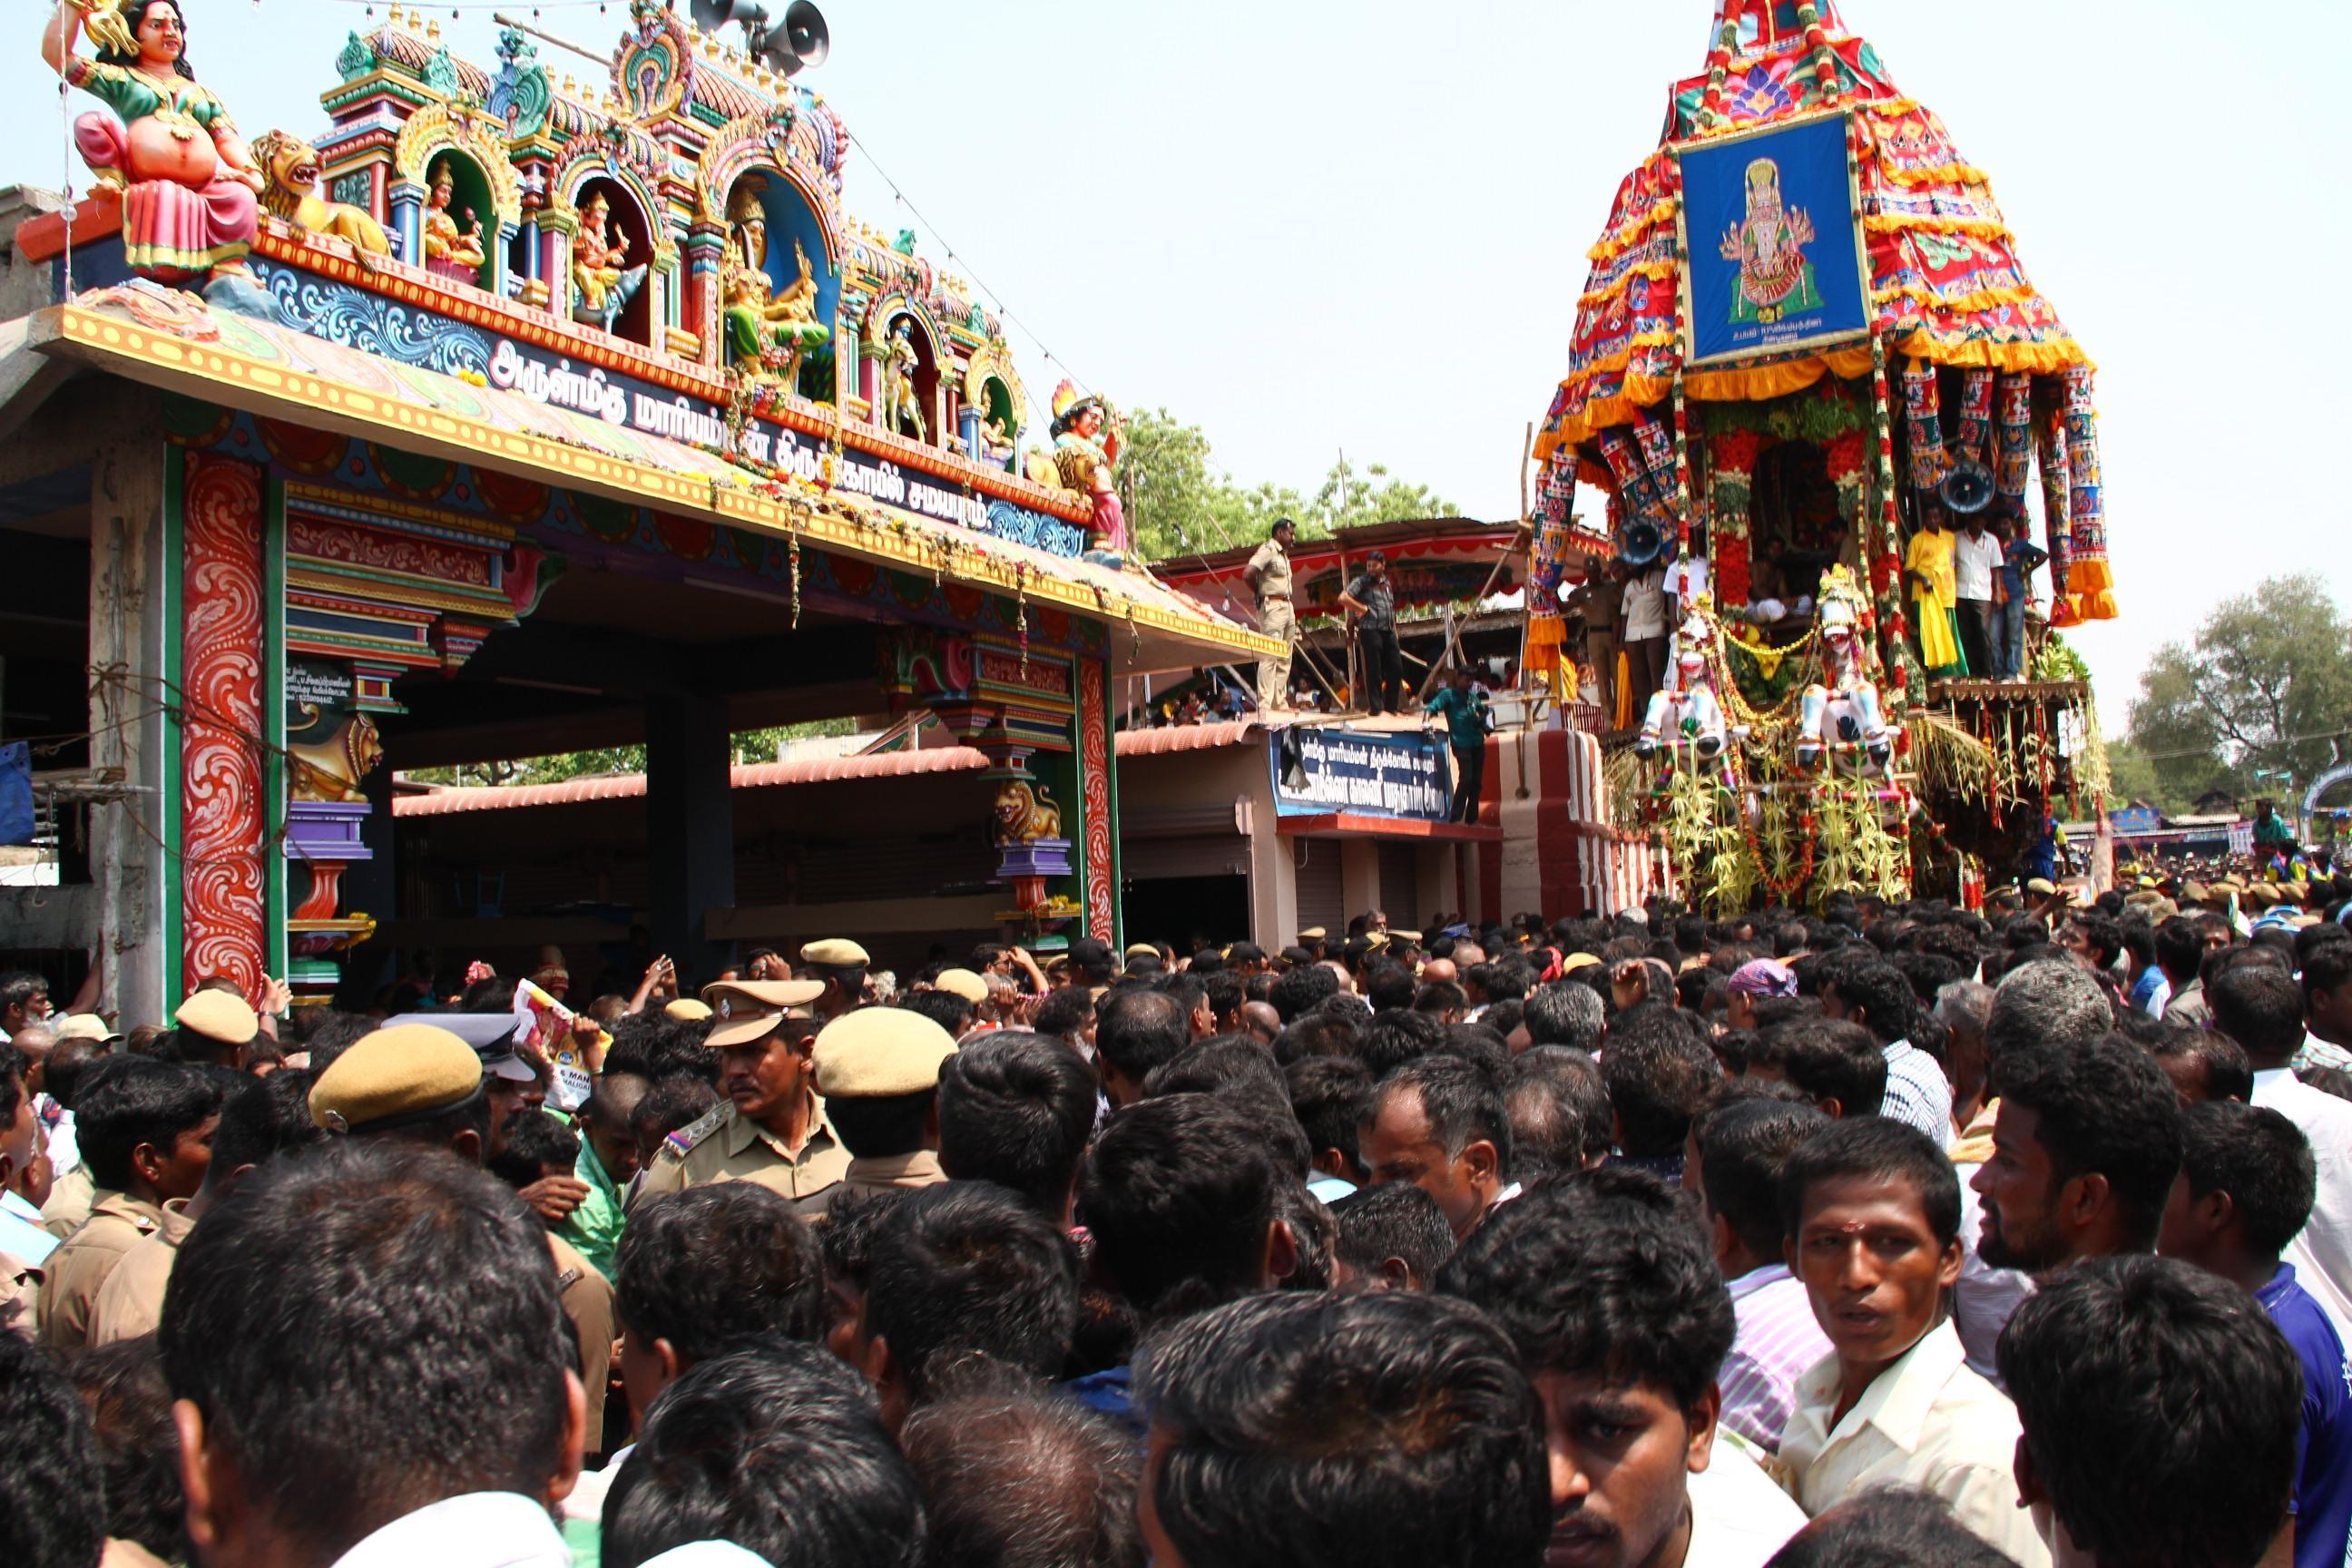 சமயபுரம் மாரியம்மன்  திருக்கோயில்